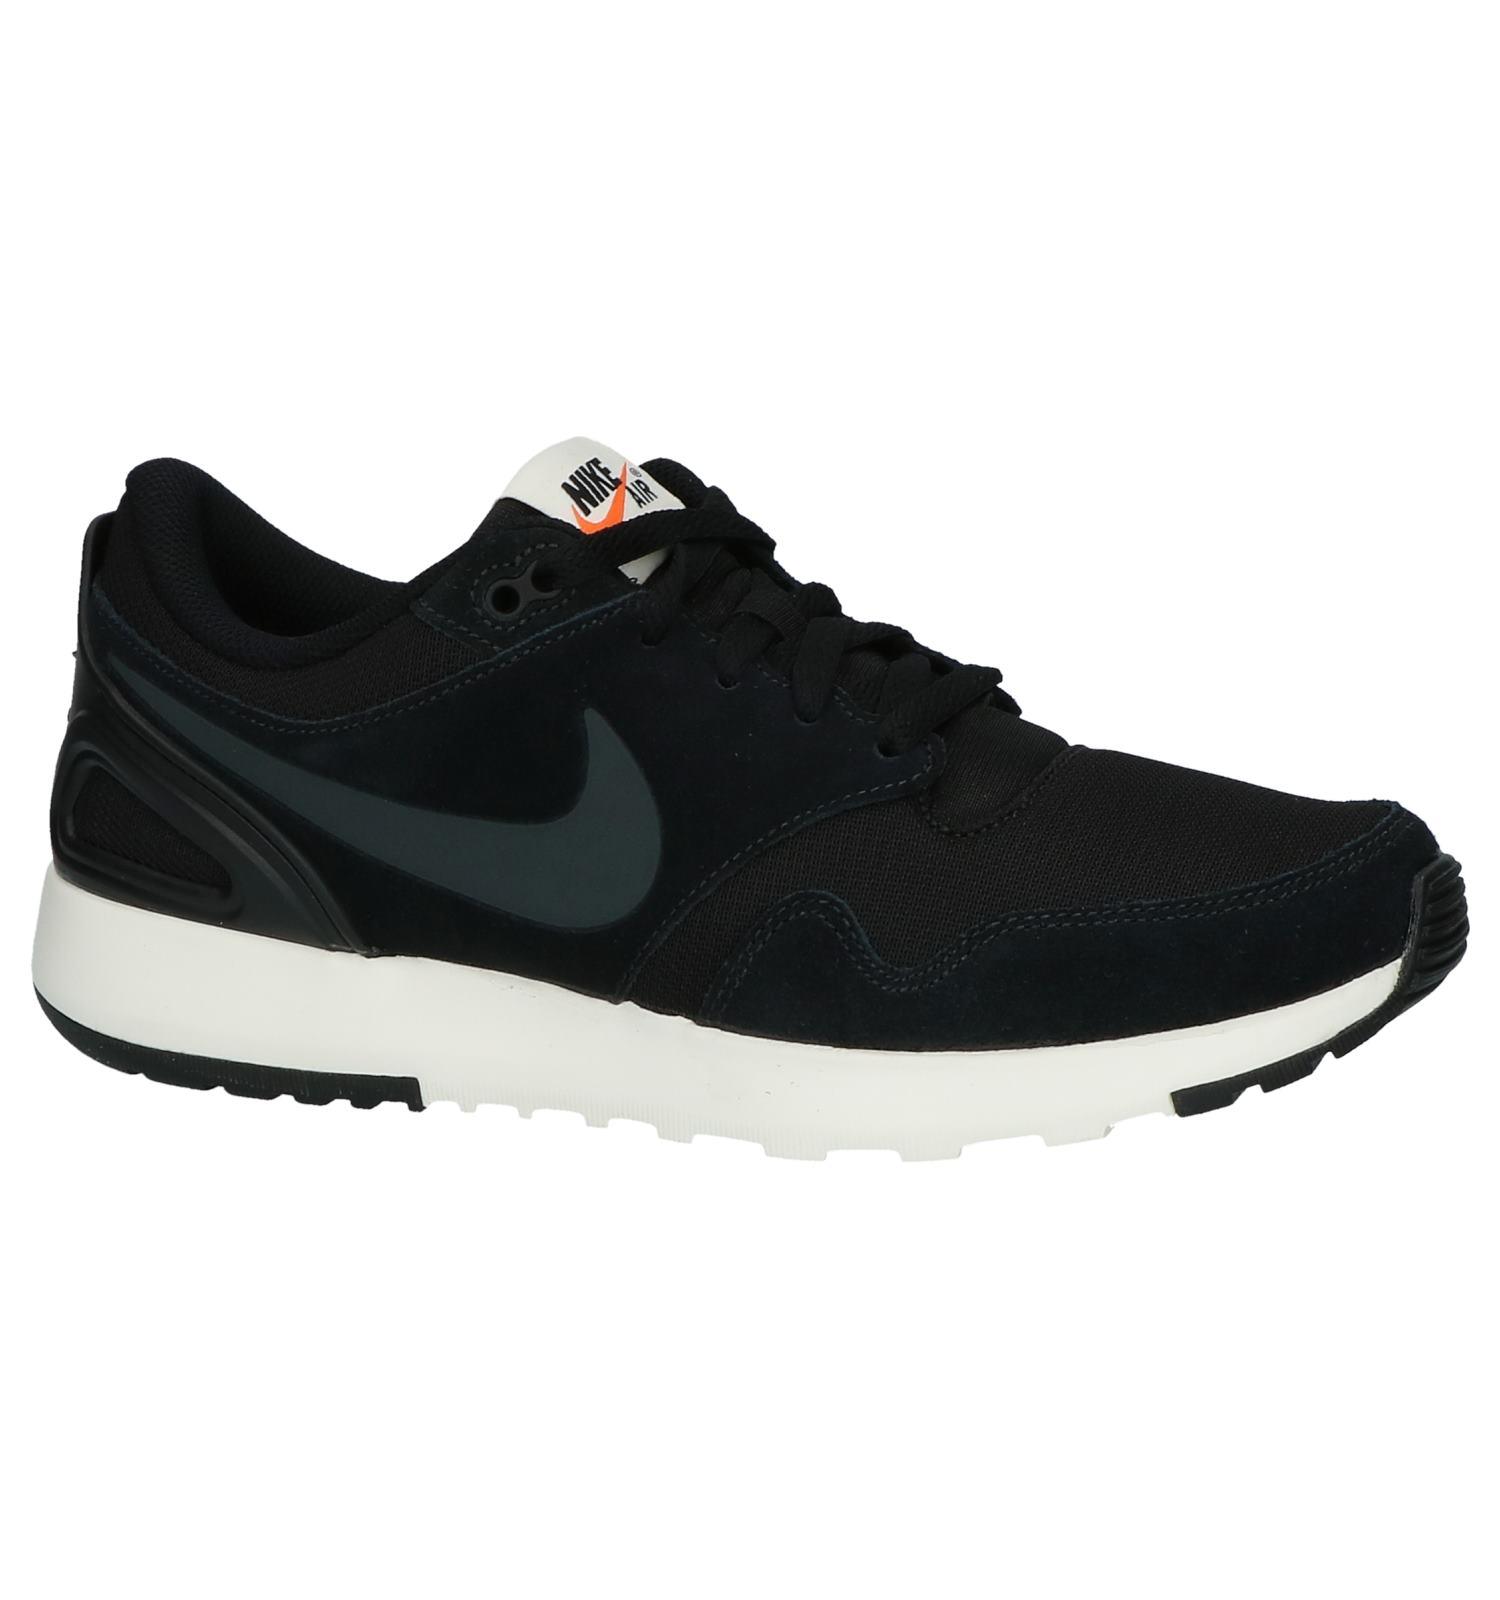 a9e0fc04e27 Lage Sneakers Zwart Nike Air Vibenna | TORFS.BE | Gratis verzend en retour